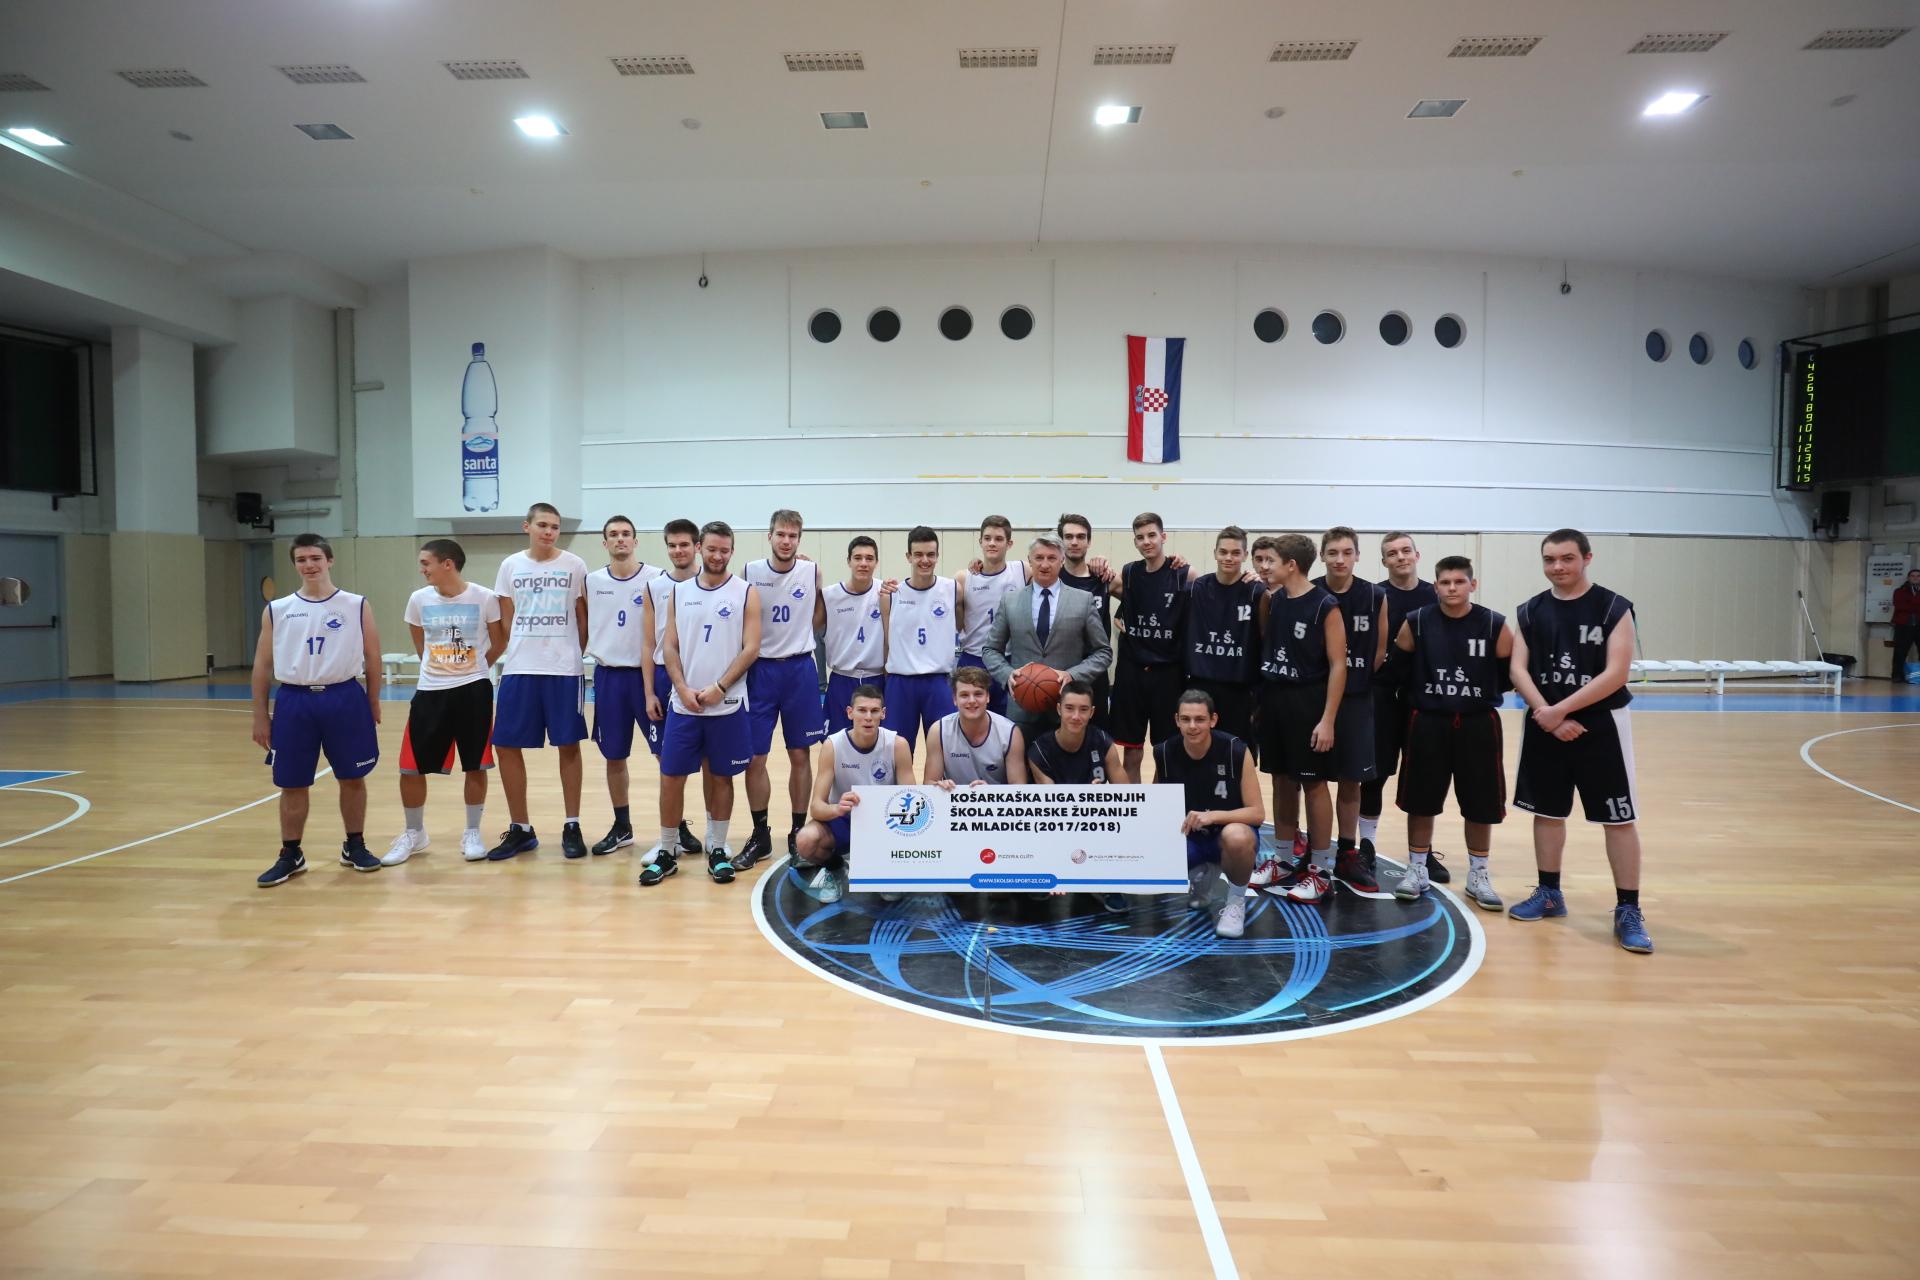 Photo of Započela košarkaška liga srednjih škola; Longin: Školskim natjecanjima stvoriti novu bazu sportaša